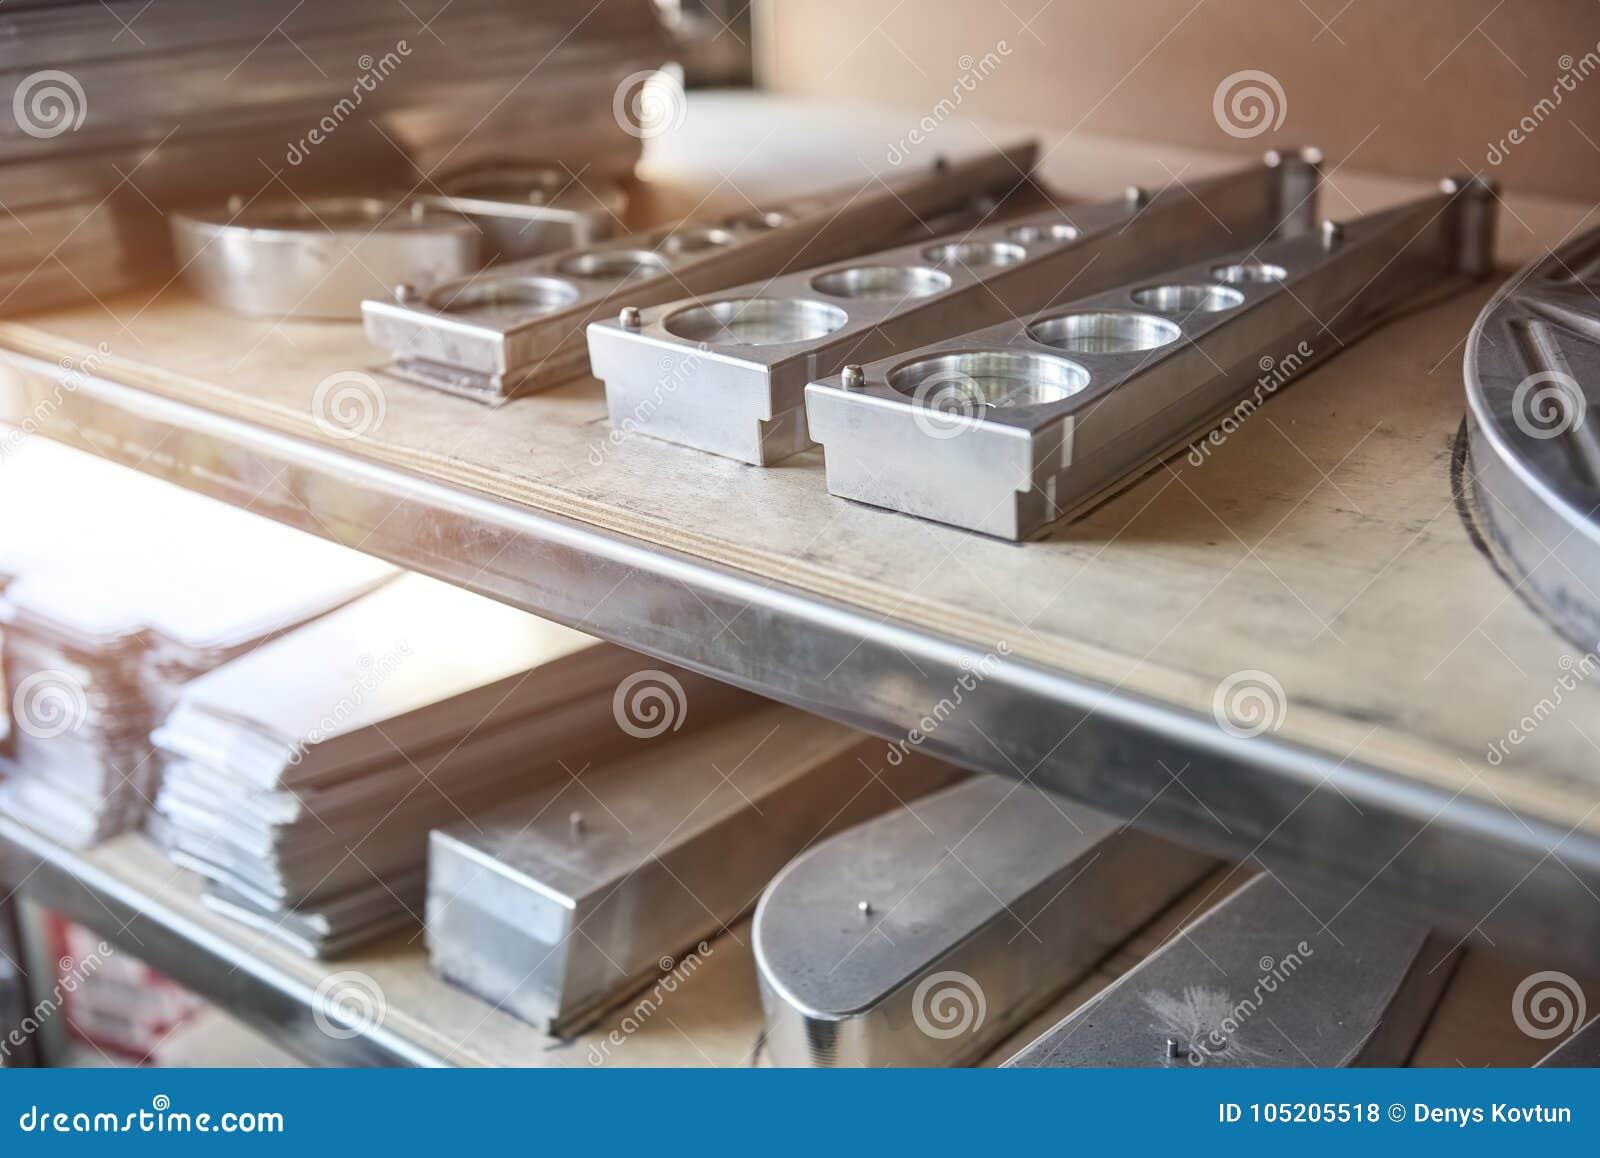 Pièces d acier inoxydable sur l étagère